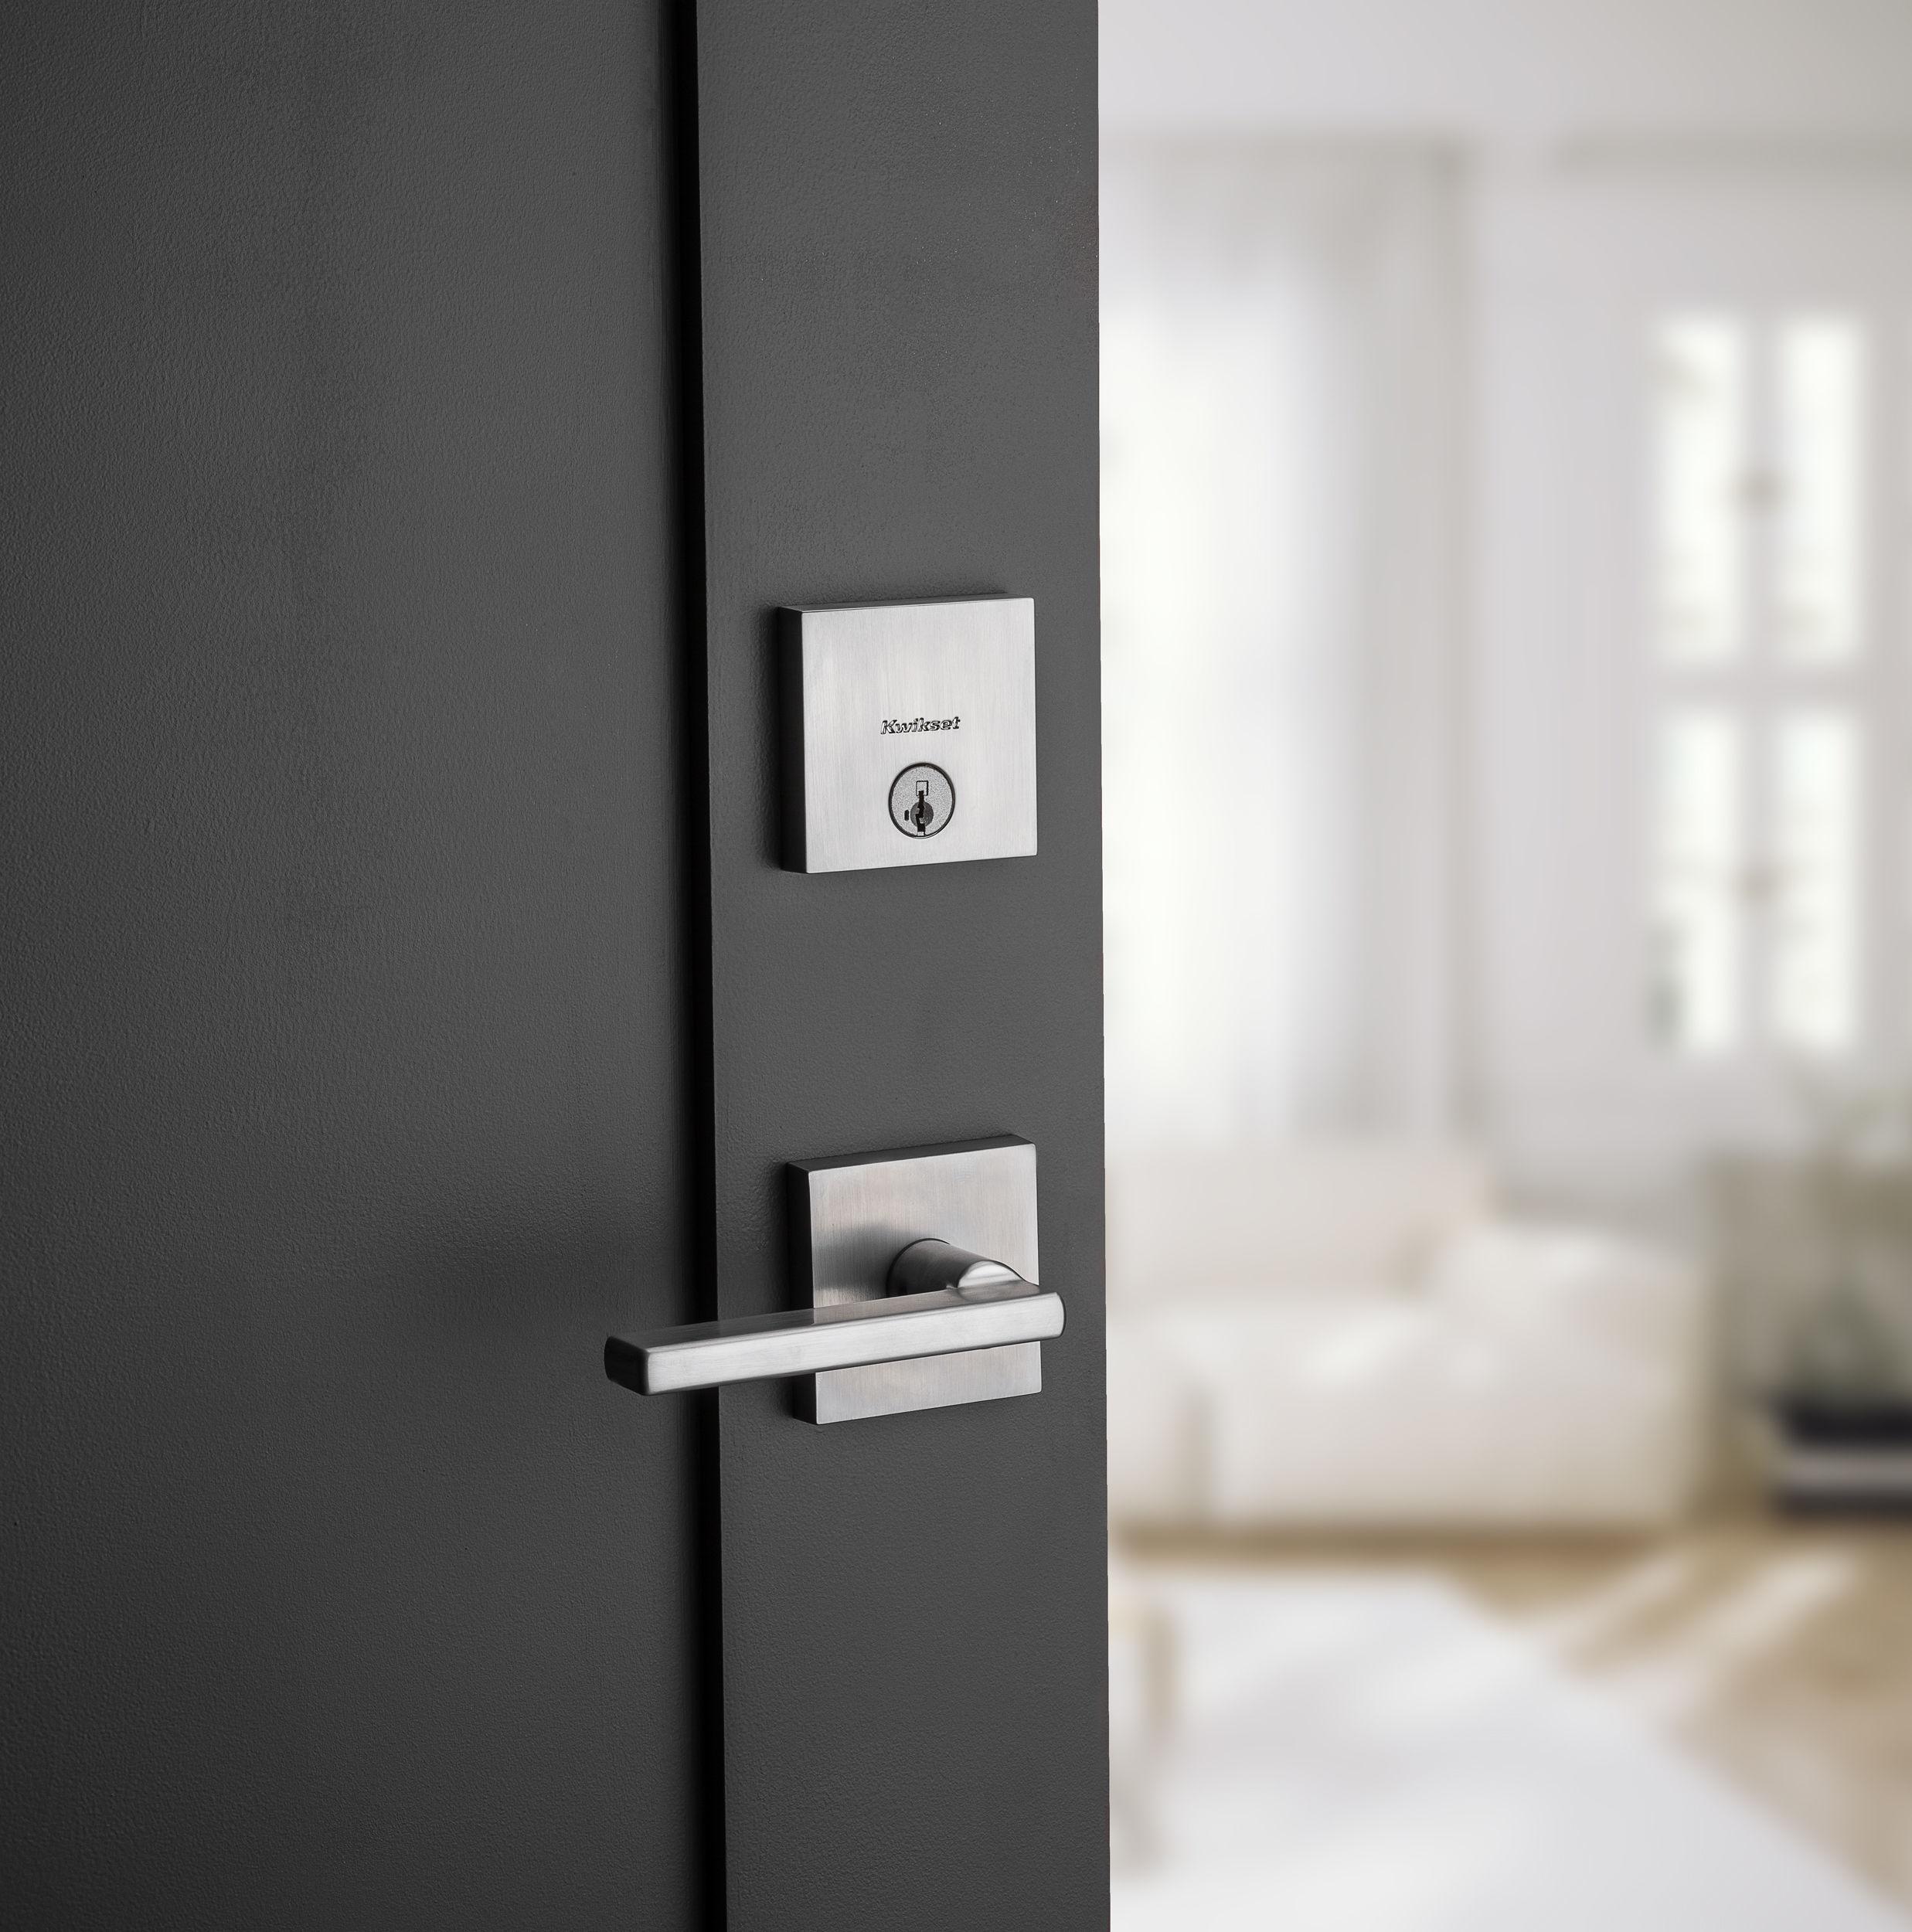 lock deadbolt camera doors arlington door kwikset hkit handleset focus smartcode satin entry nickel w